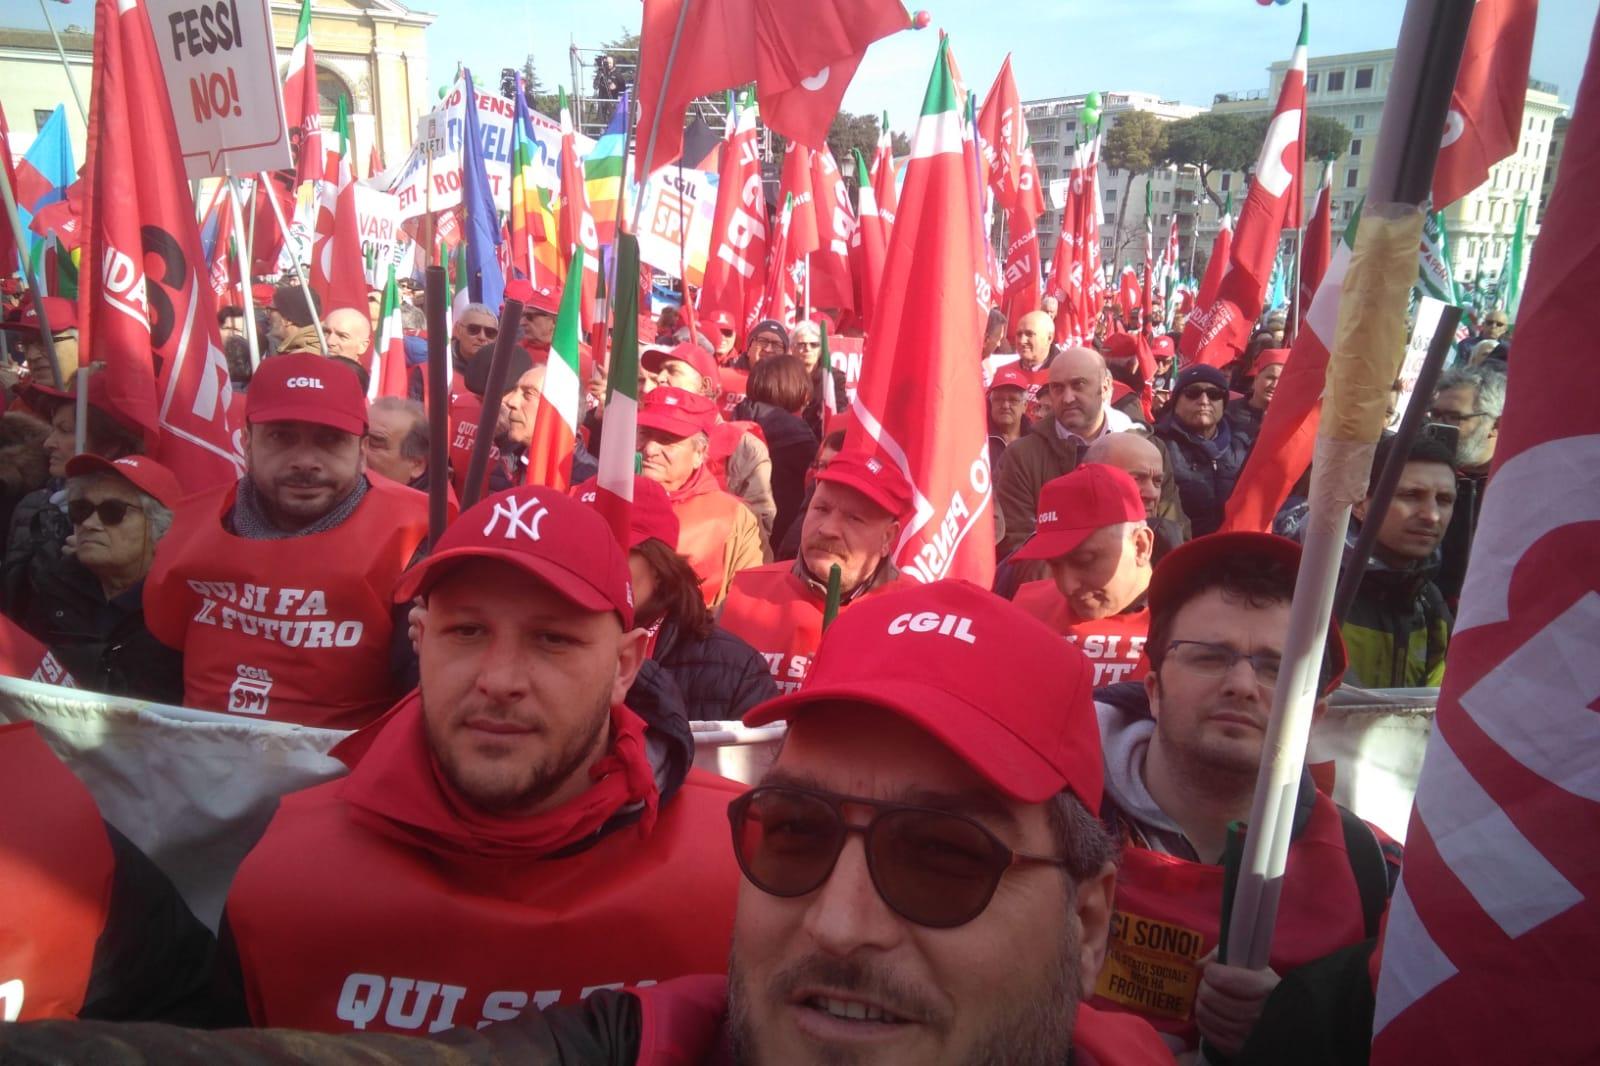 Avellino| Cgil a Roma, Fiordellisi: necessaria una Carta dei diritti universali del Lavoro